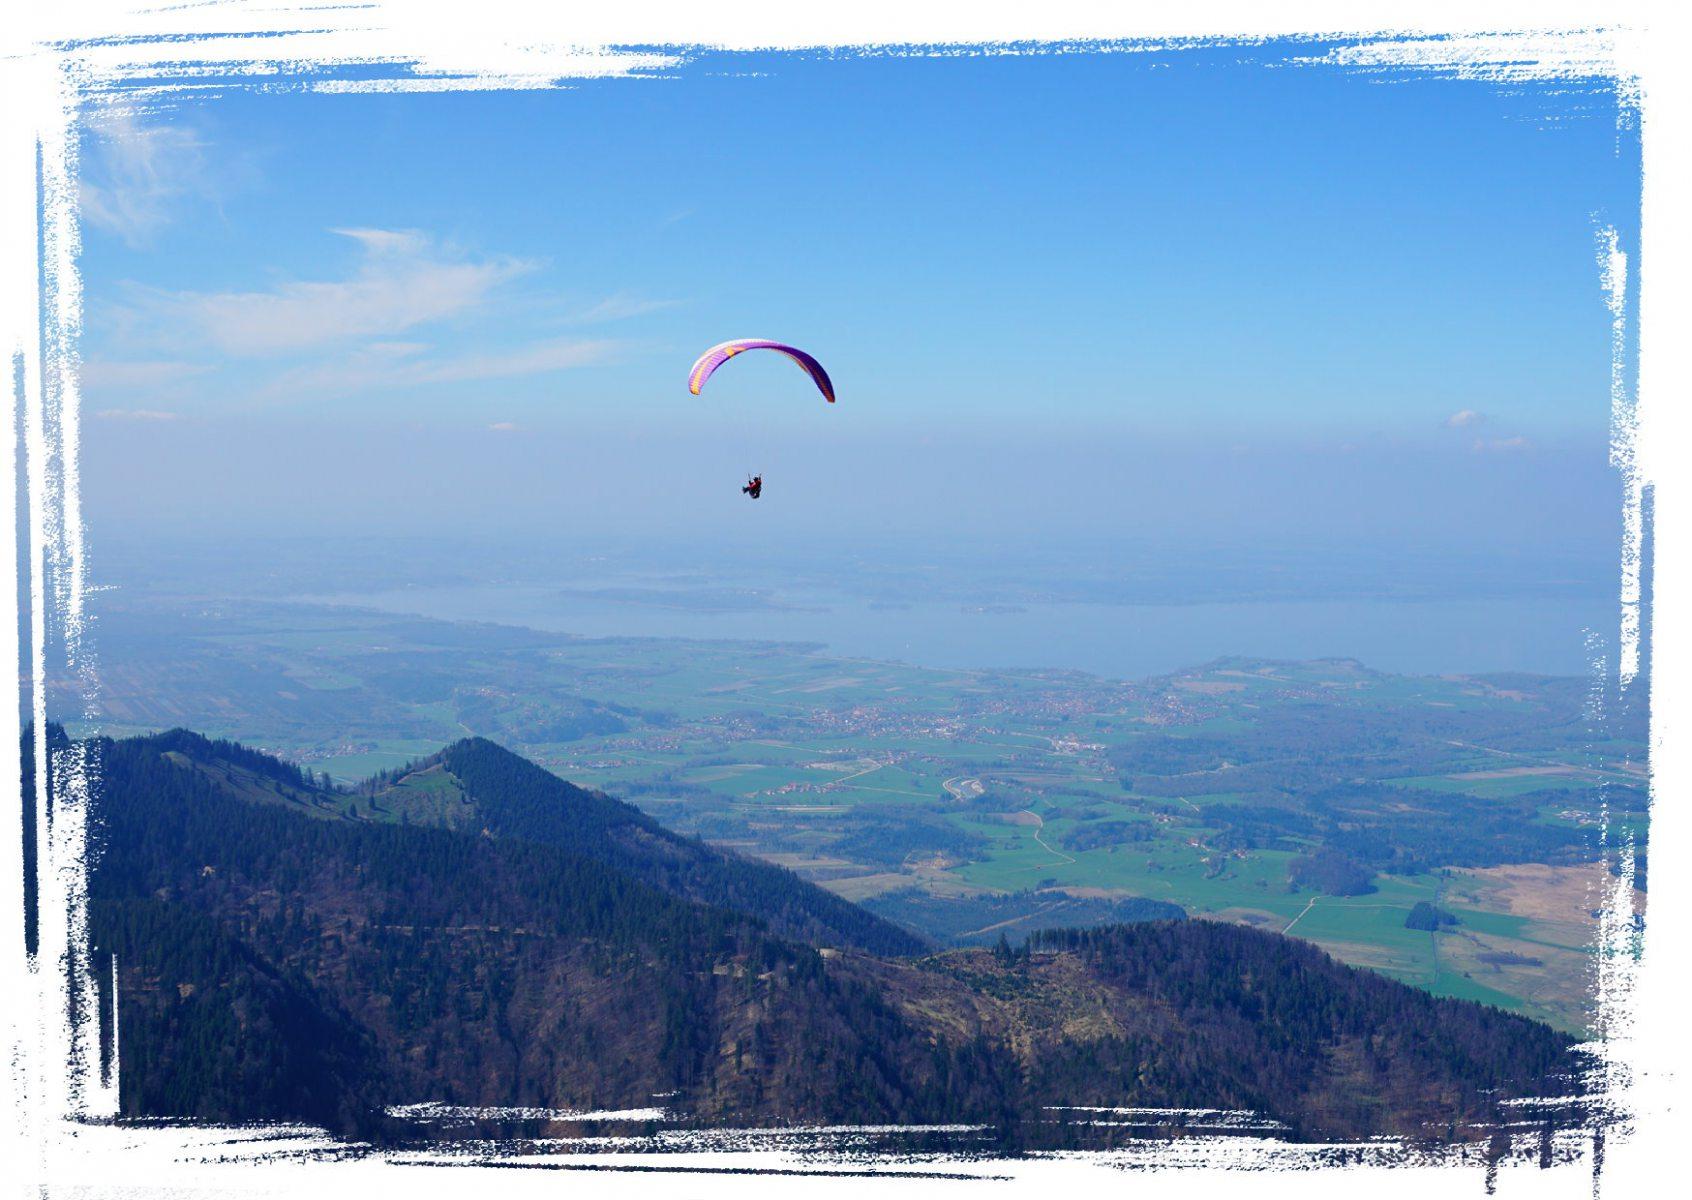 Werbepostkarten Chiemgau - Werbefotografie Tourismus & Wellness Prien am Chiemsee © Fotostudio Blauhorn